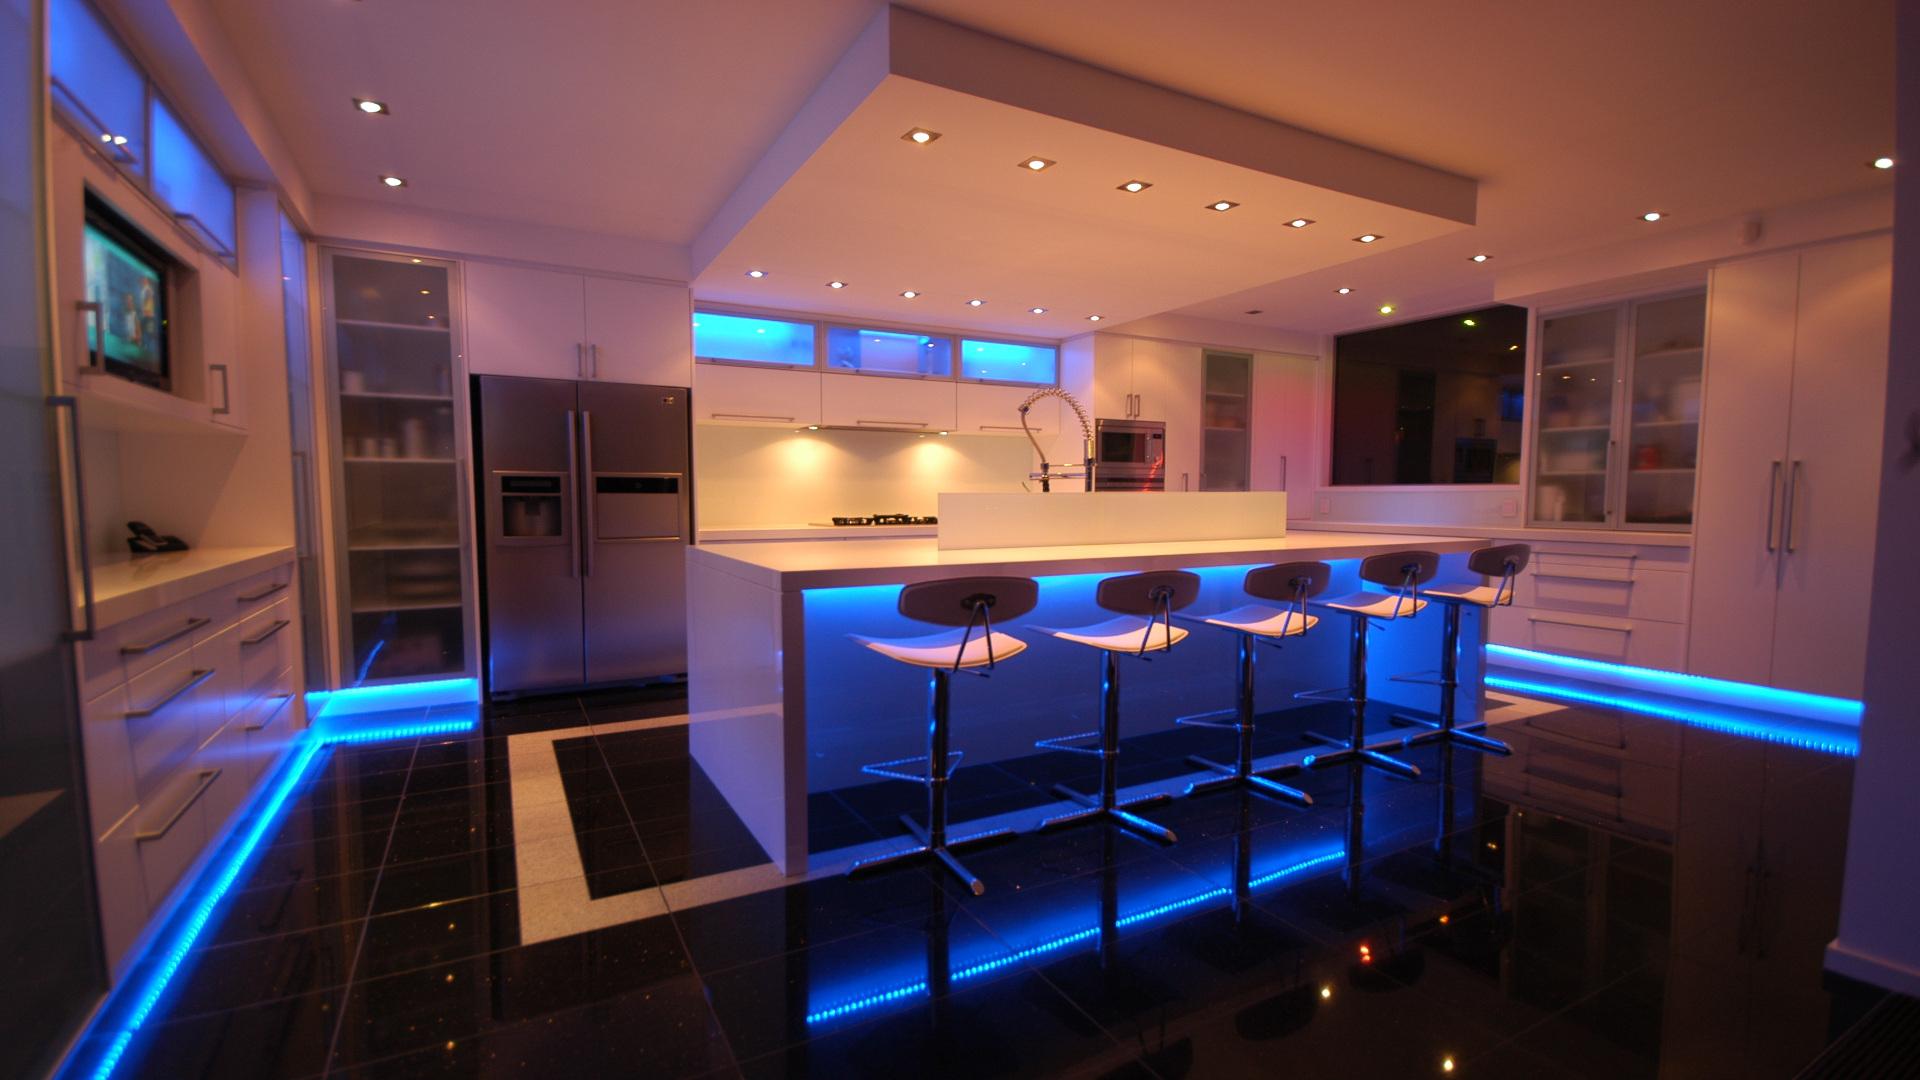 La cocina es el centro de los hogares actuales - Cocinas actuales fotos ...